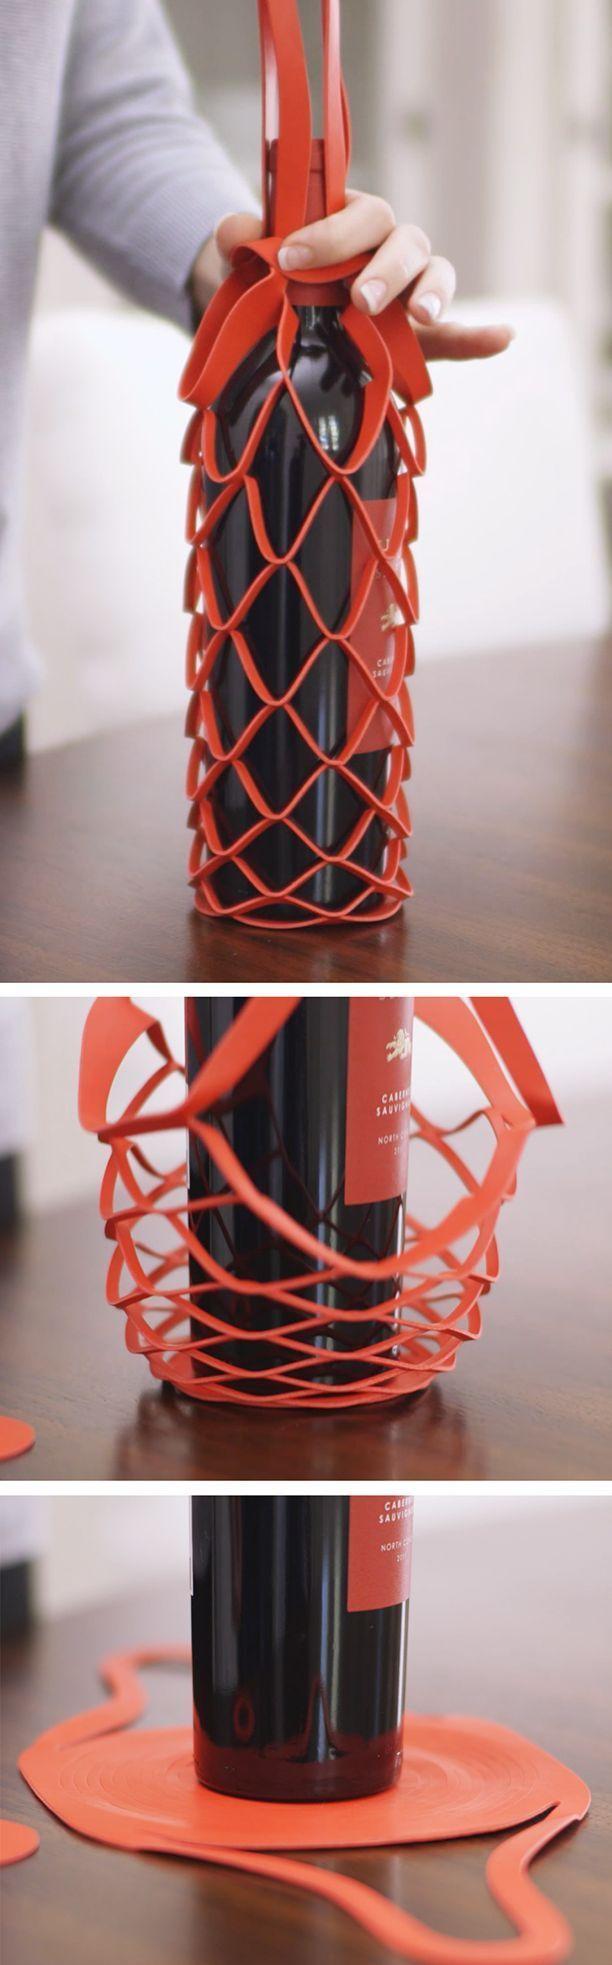 Gift Wrap Wonderland Homemade Gift Ideas Bottles Cruets Wine Design Wine Packaging Bottle Packaging